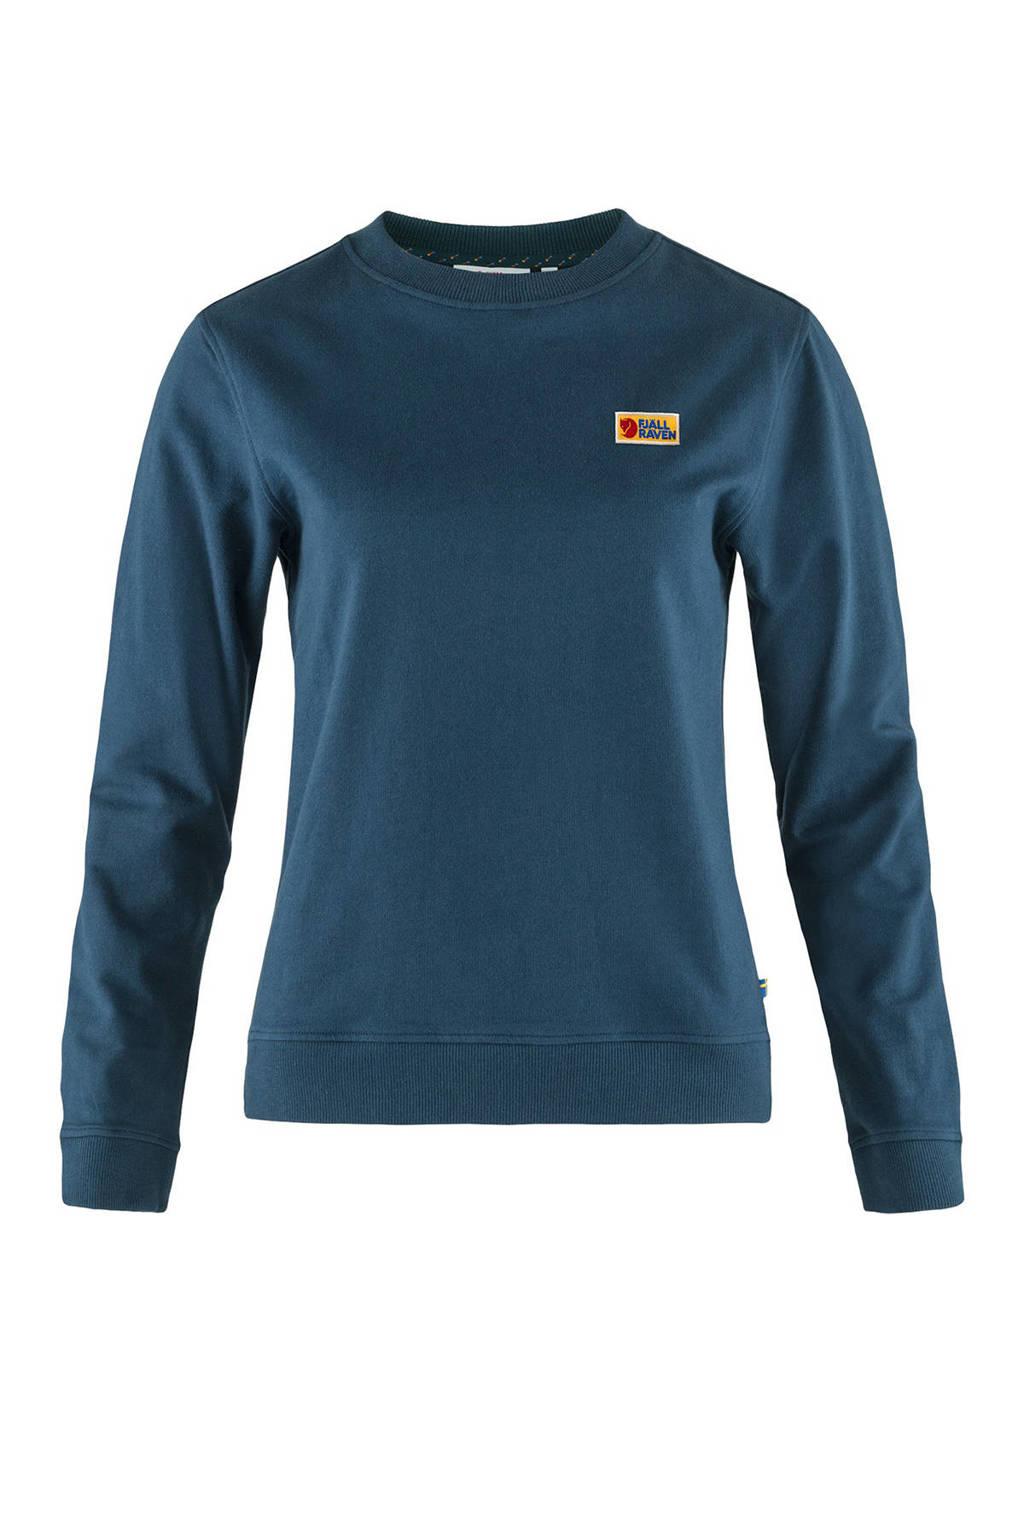 Fjällräven outdoor sweater Vardag petrol, Petrol